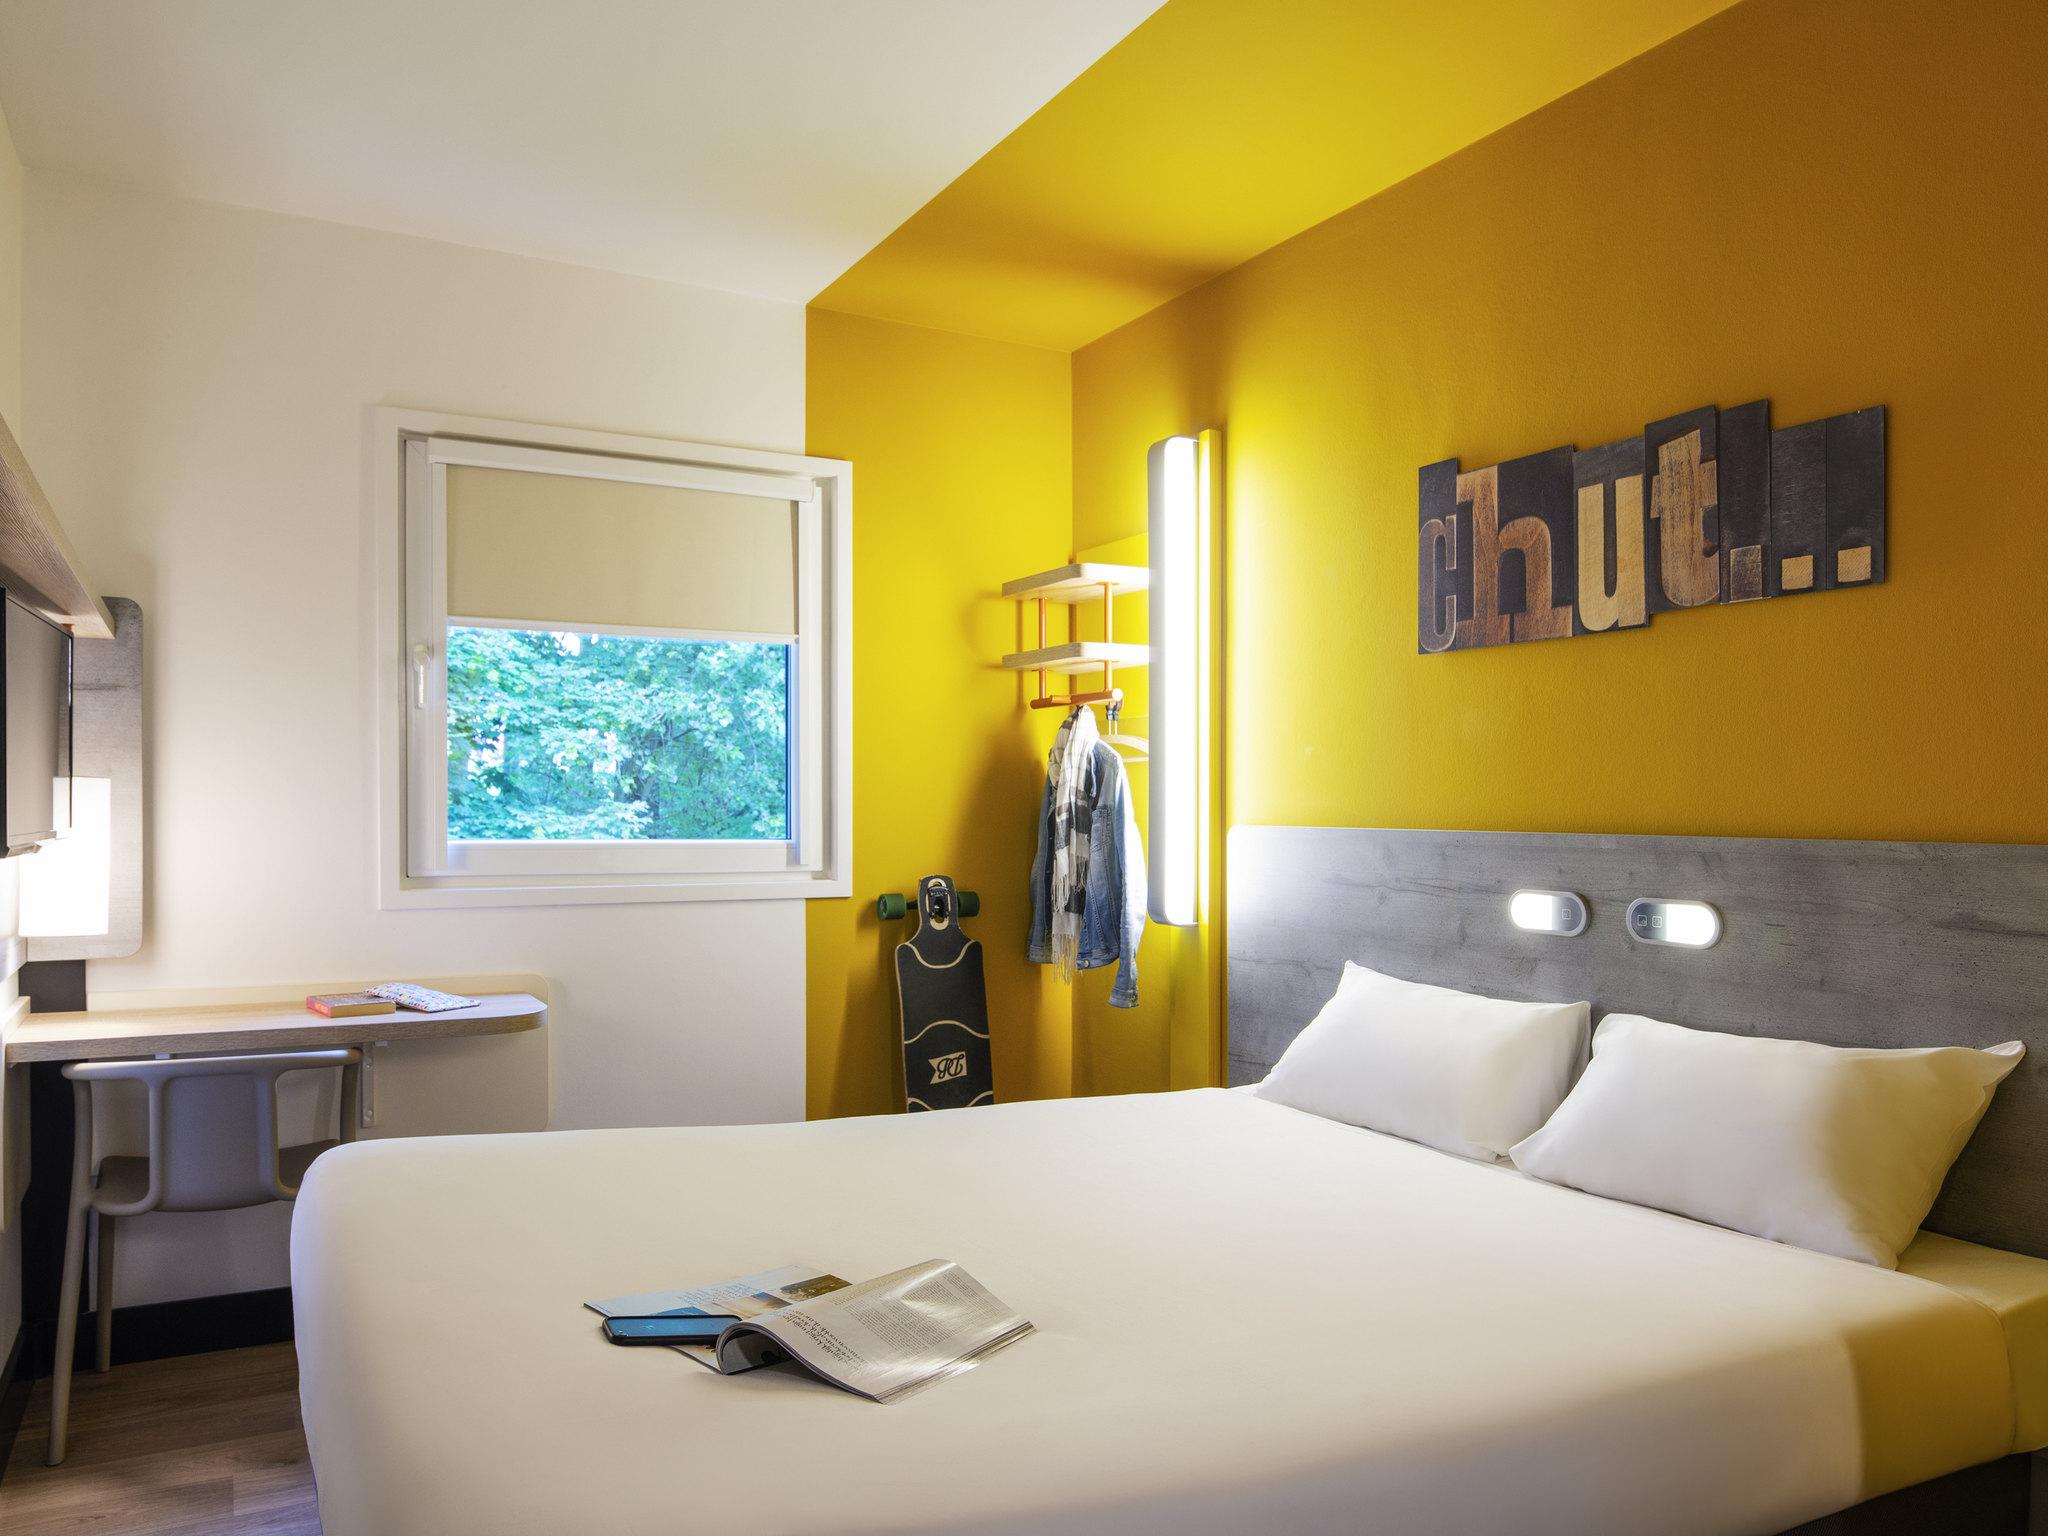 فندق - فندق إيبيس بدجت ibis budget أمستردام إيربورت